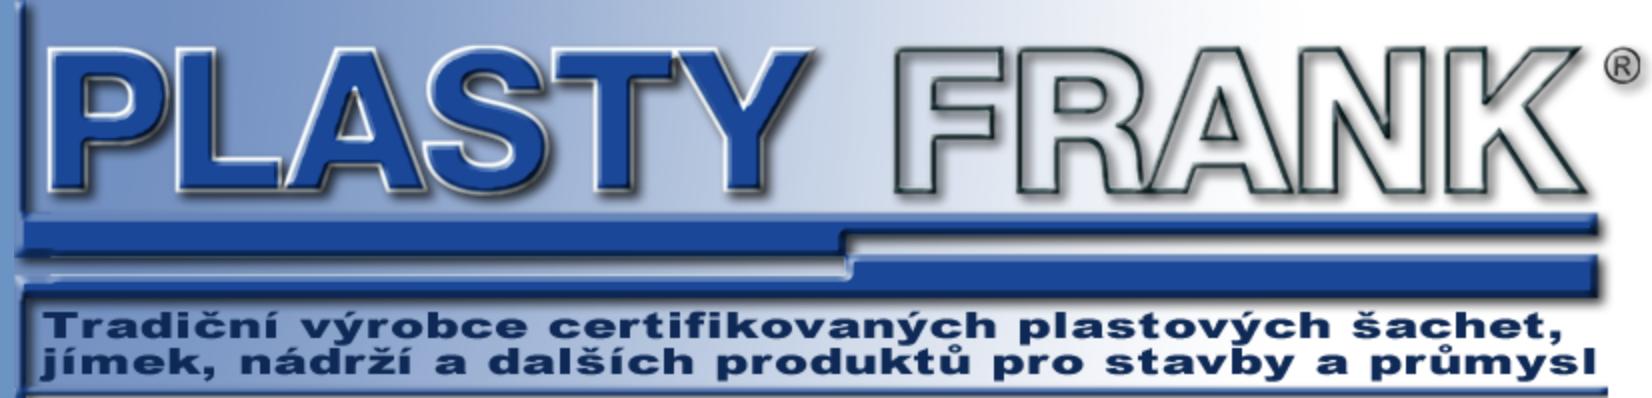 logo firmy PLASTY FRANK s.r.o.